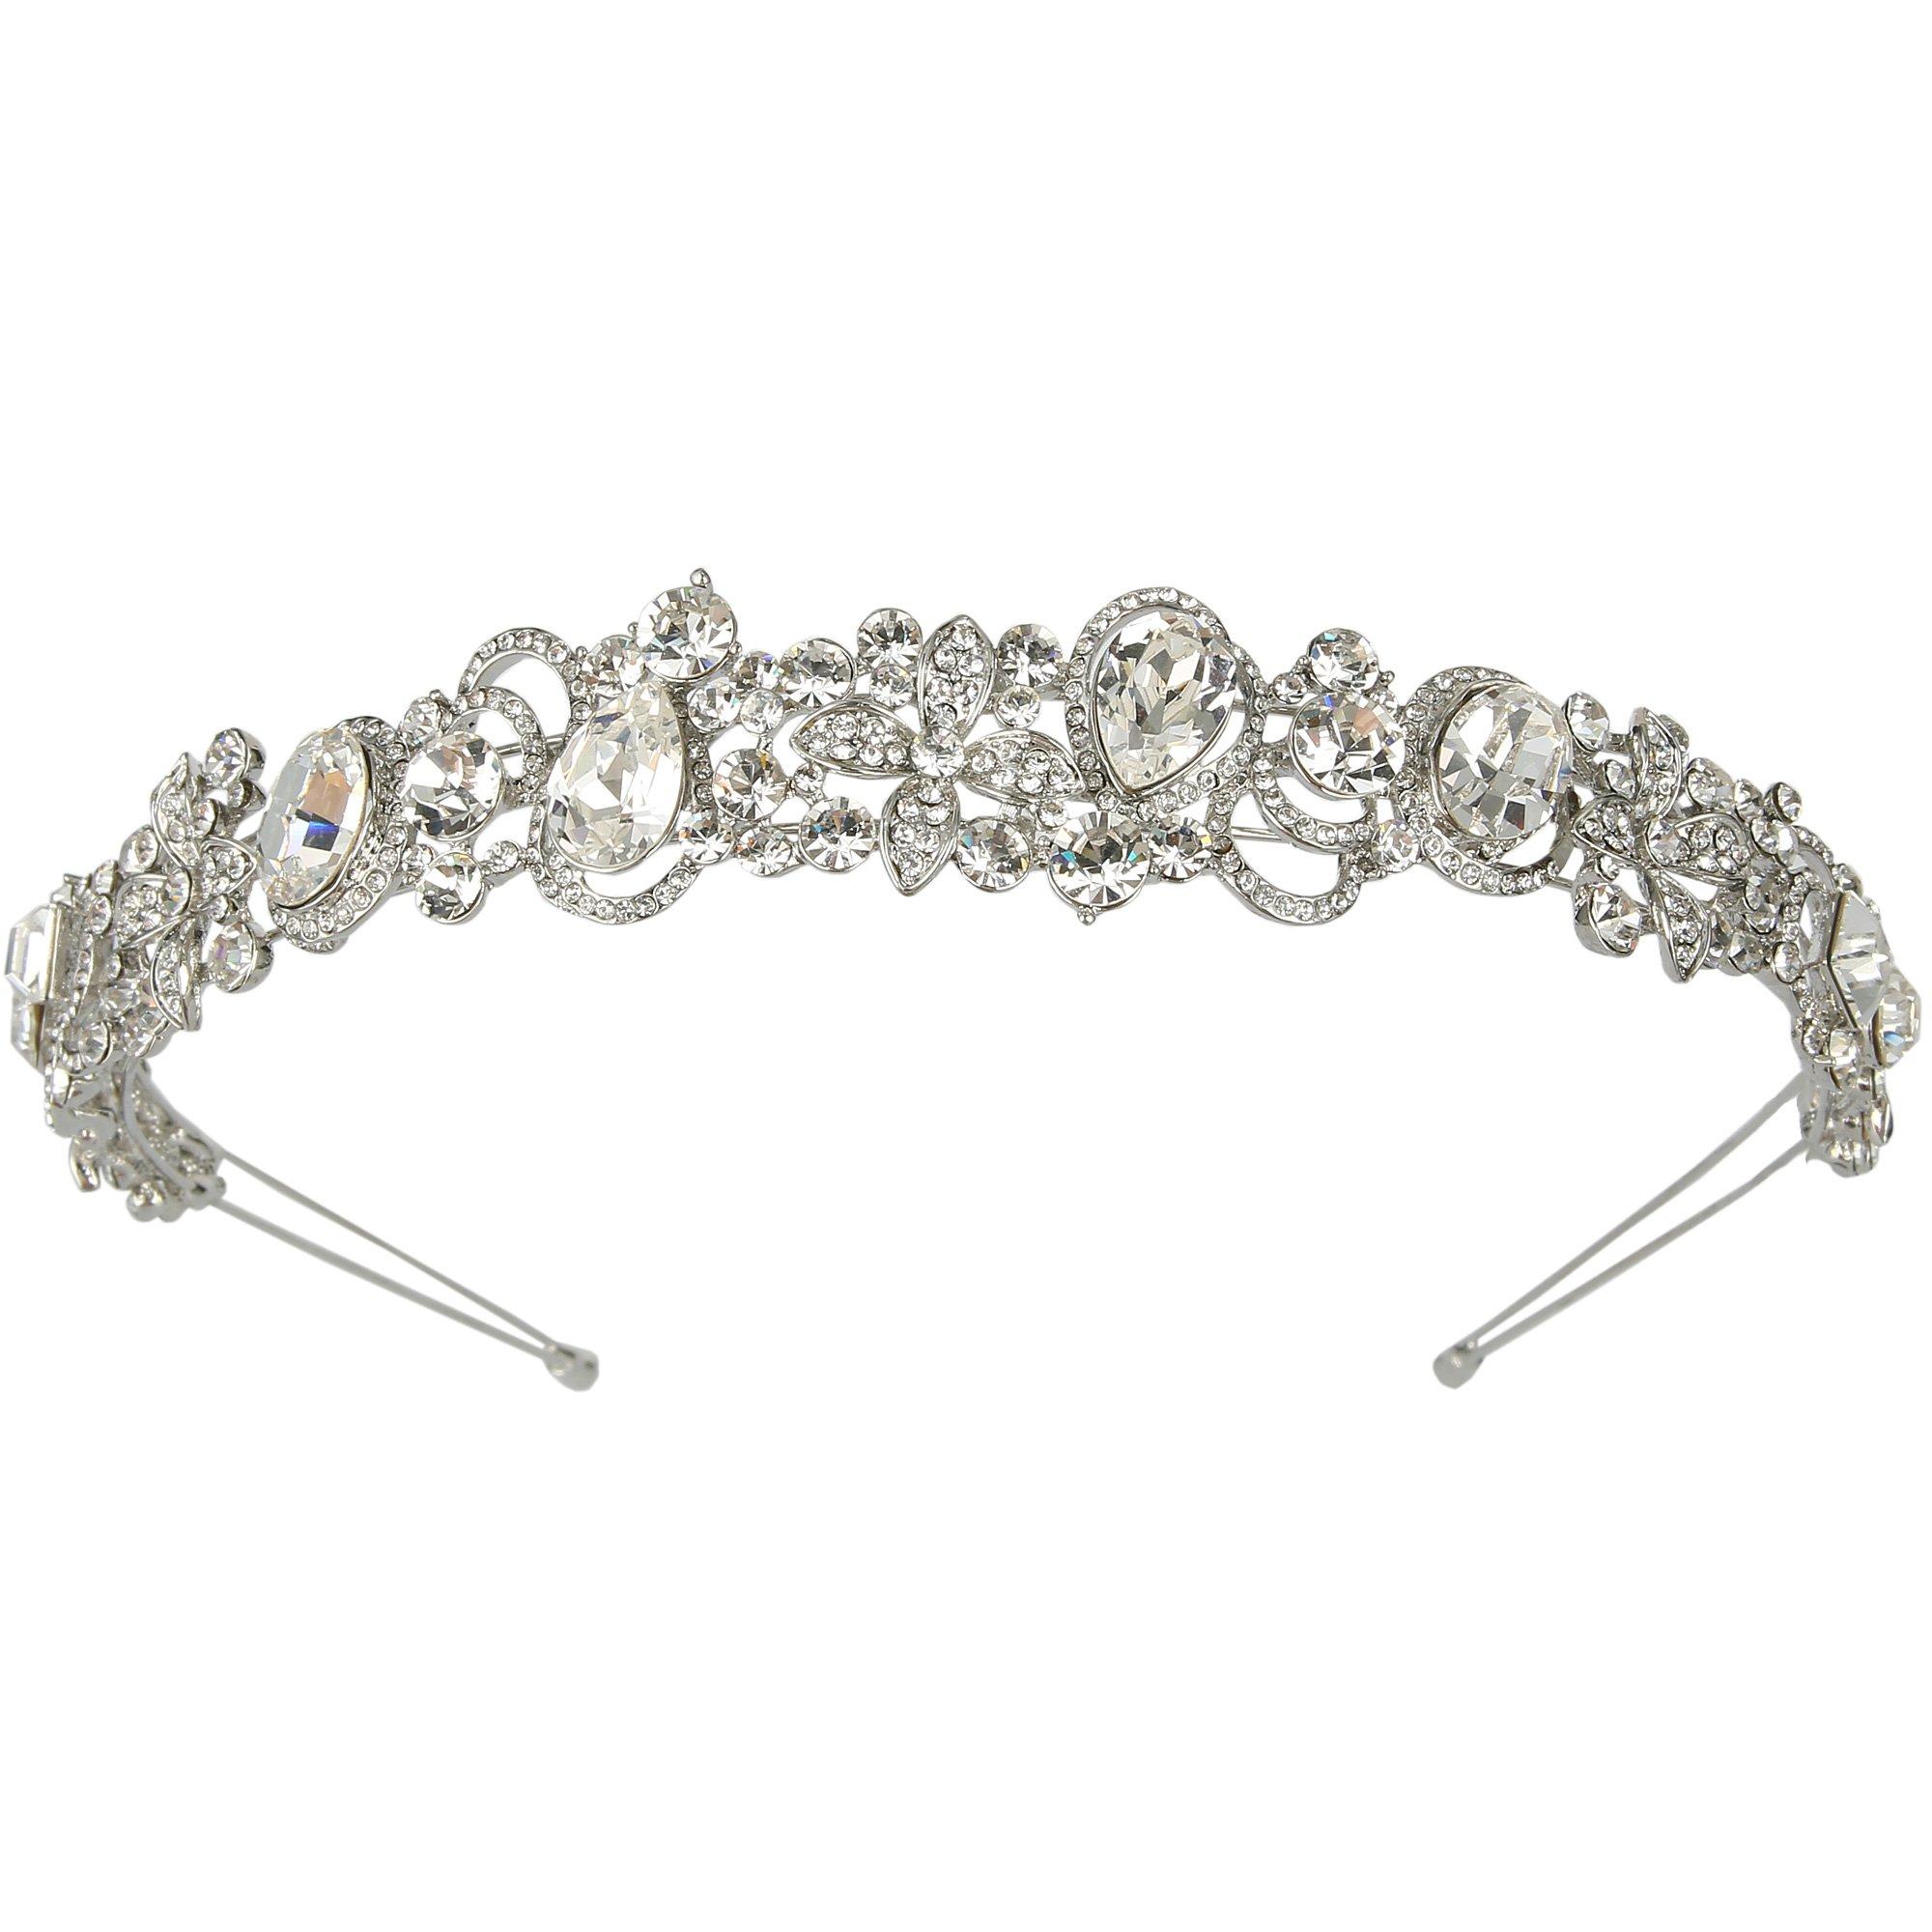 EVER FAITH Silver-Tone Austrian Crystal Bridal Flower Vine Tear Drop Head Band Clear